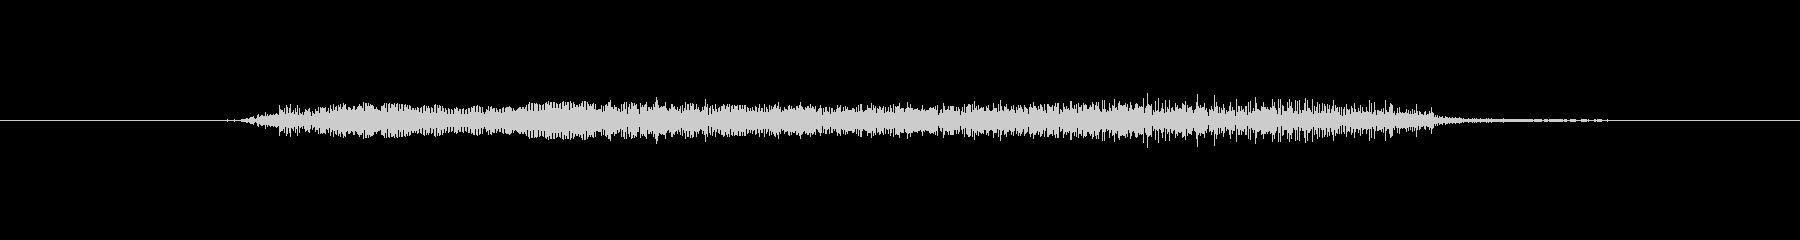 鳥 オウムスコー03の未再生の波形